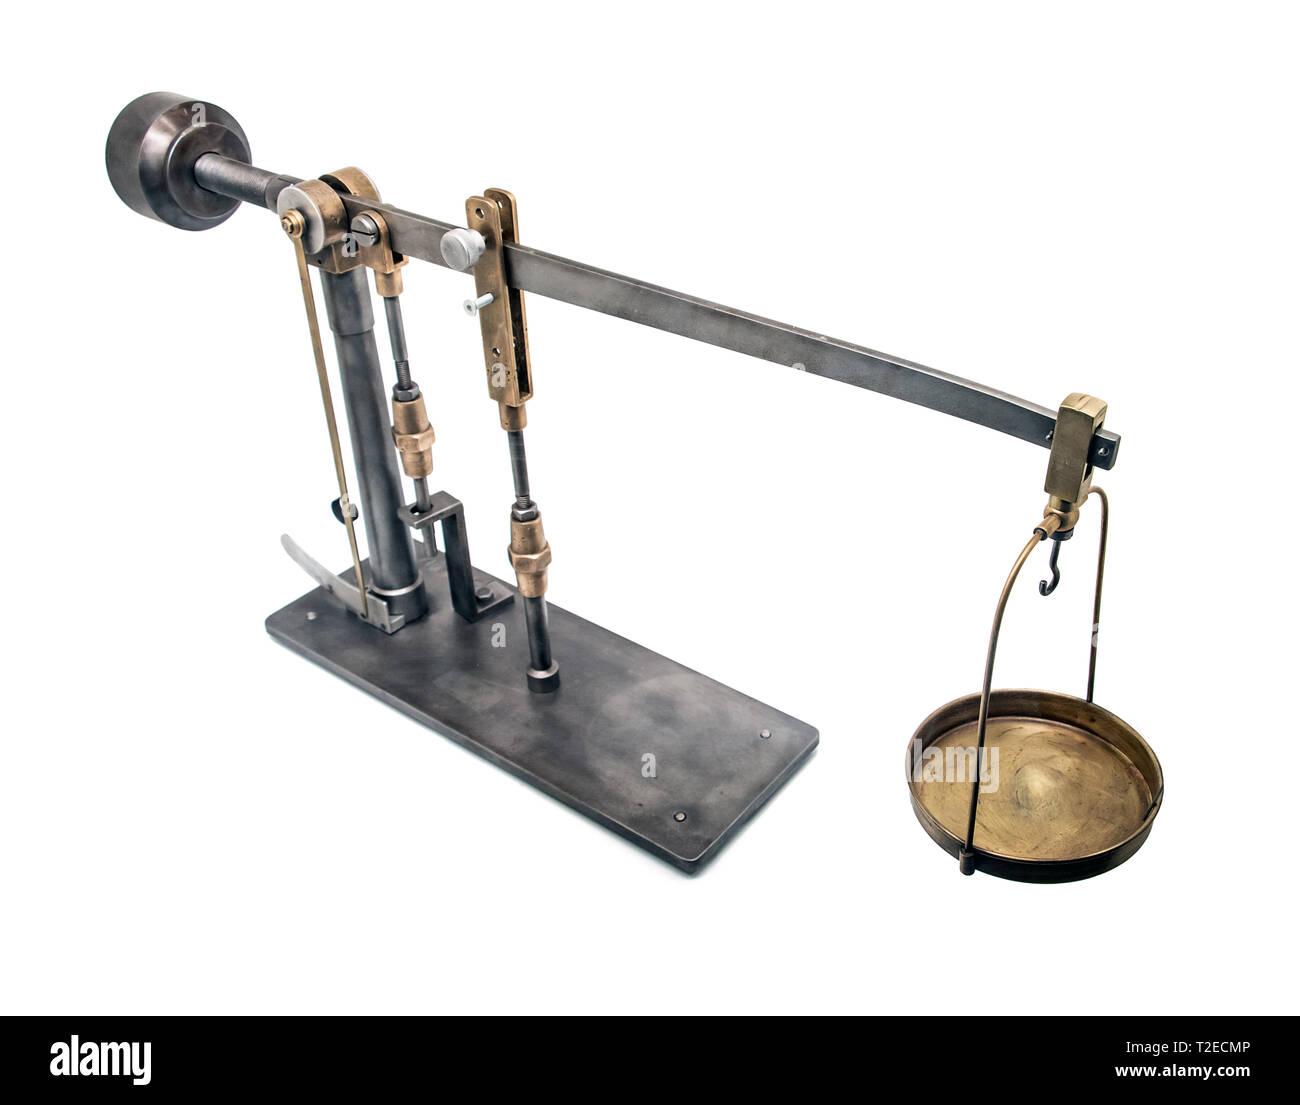 Ein historisch Gerät Boden Zusammenhalt zu bestimmen. Eine alte Wissenschaft Instrument auf weißem Hintergrund. Stockbild